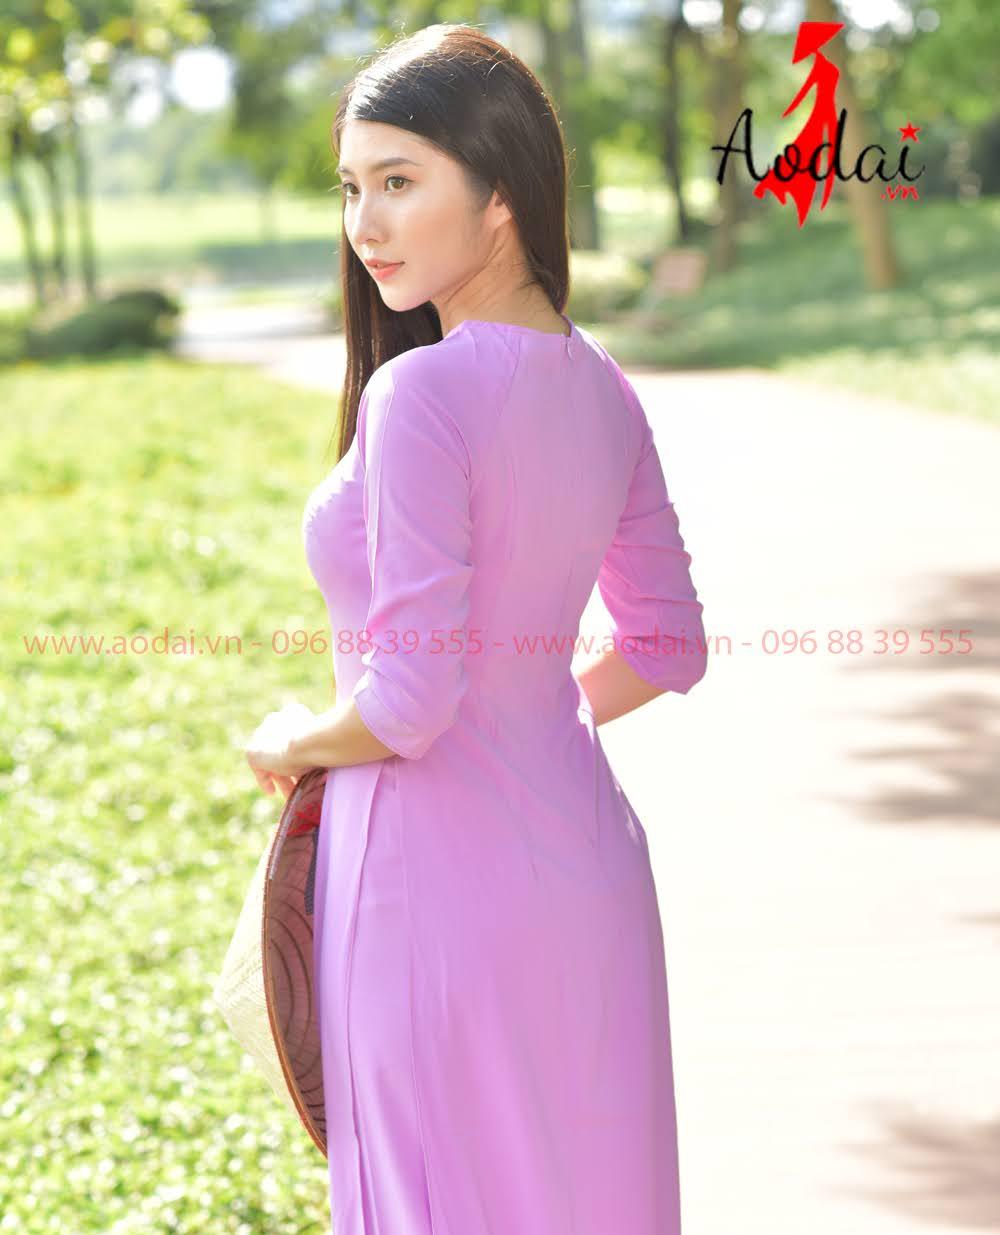 In áo dài tại Đắk Nông